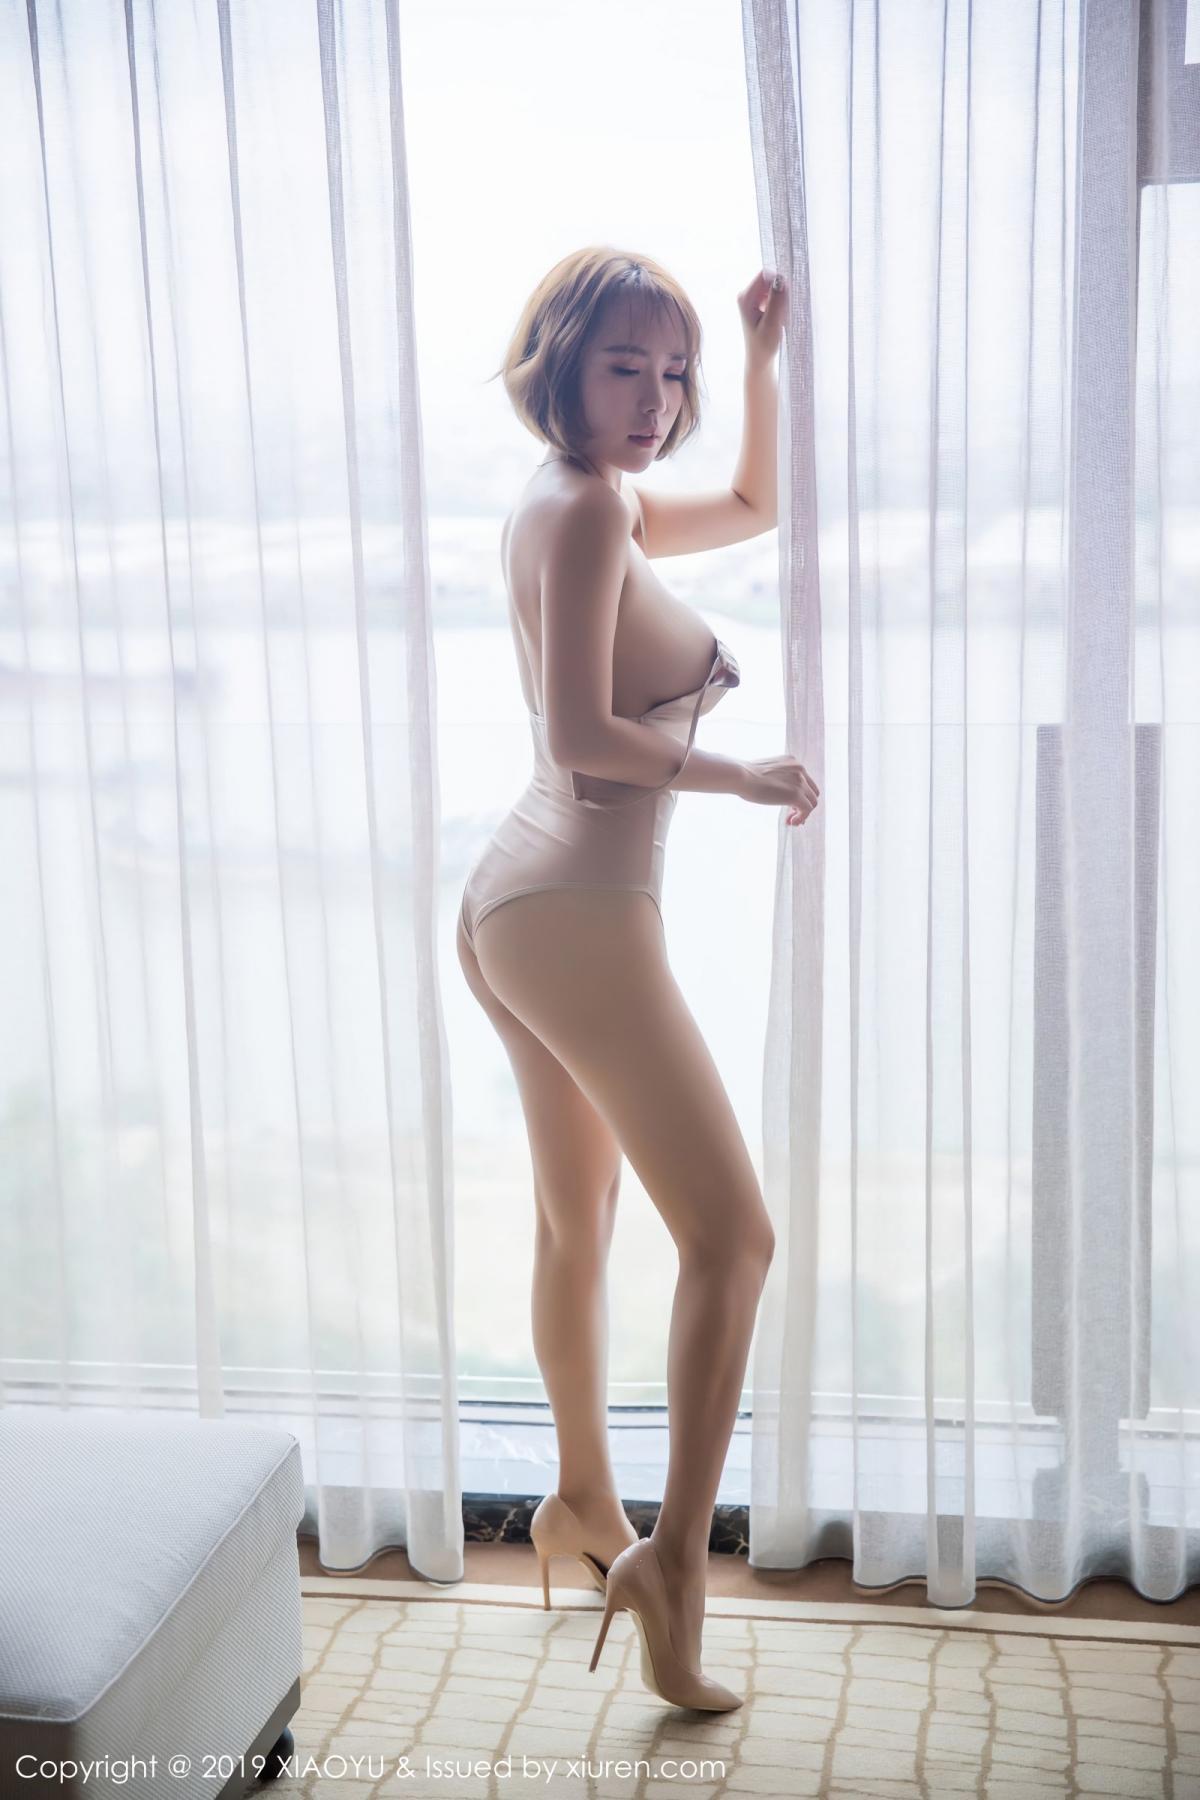 [XiaoYu] Vol.015 Chen Ya Wen 35P, Chen Ya Wen, Sexy, XiaoYu